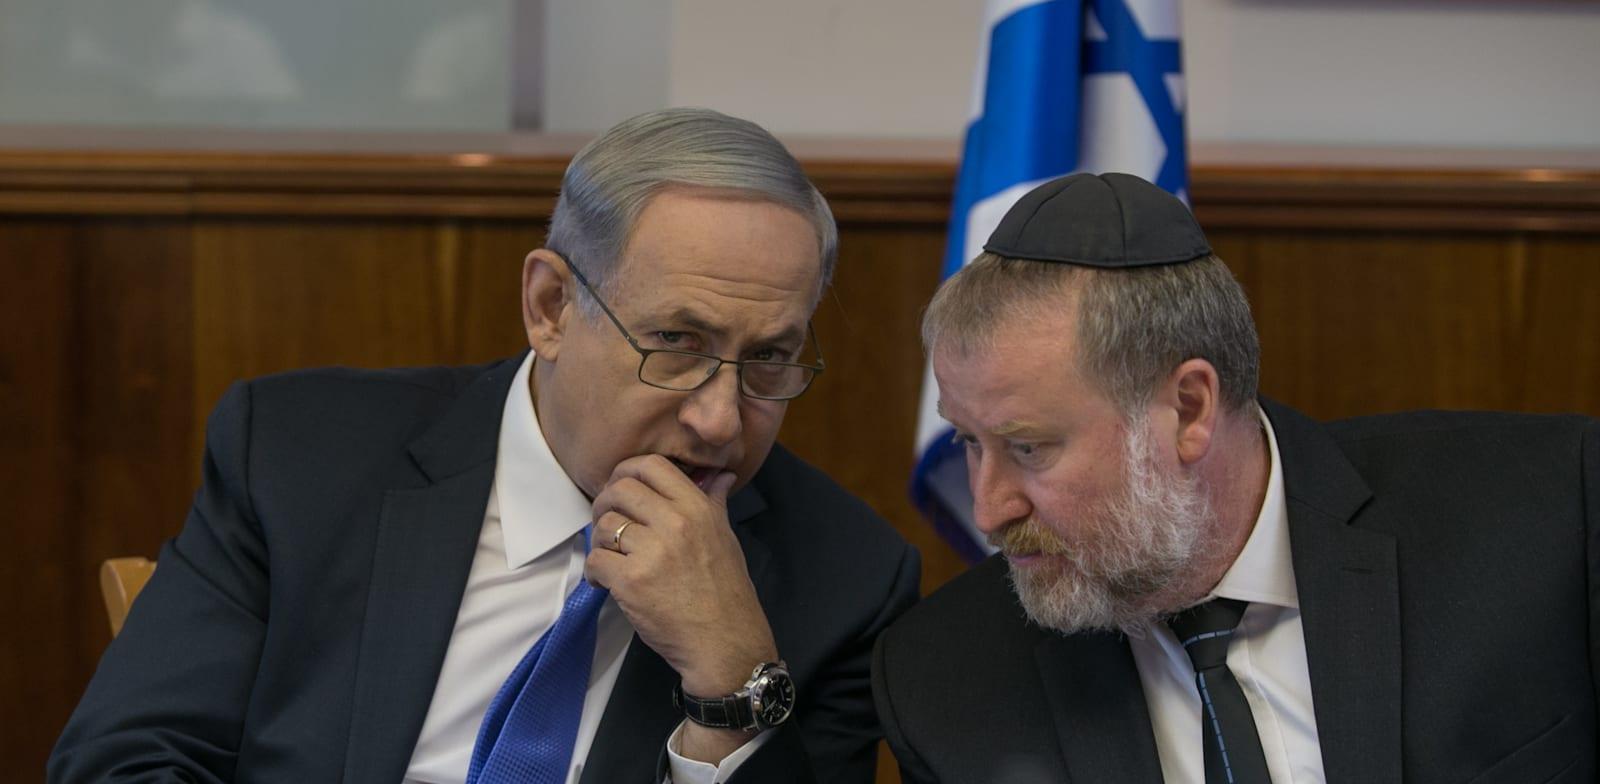 """היועמ""""ש אביחי מנדלבליט וראש הממשלה בנימין נתניהו / צילום: אוהד צויגנברג, """"ידיעות אחרונות"""""""